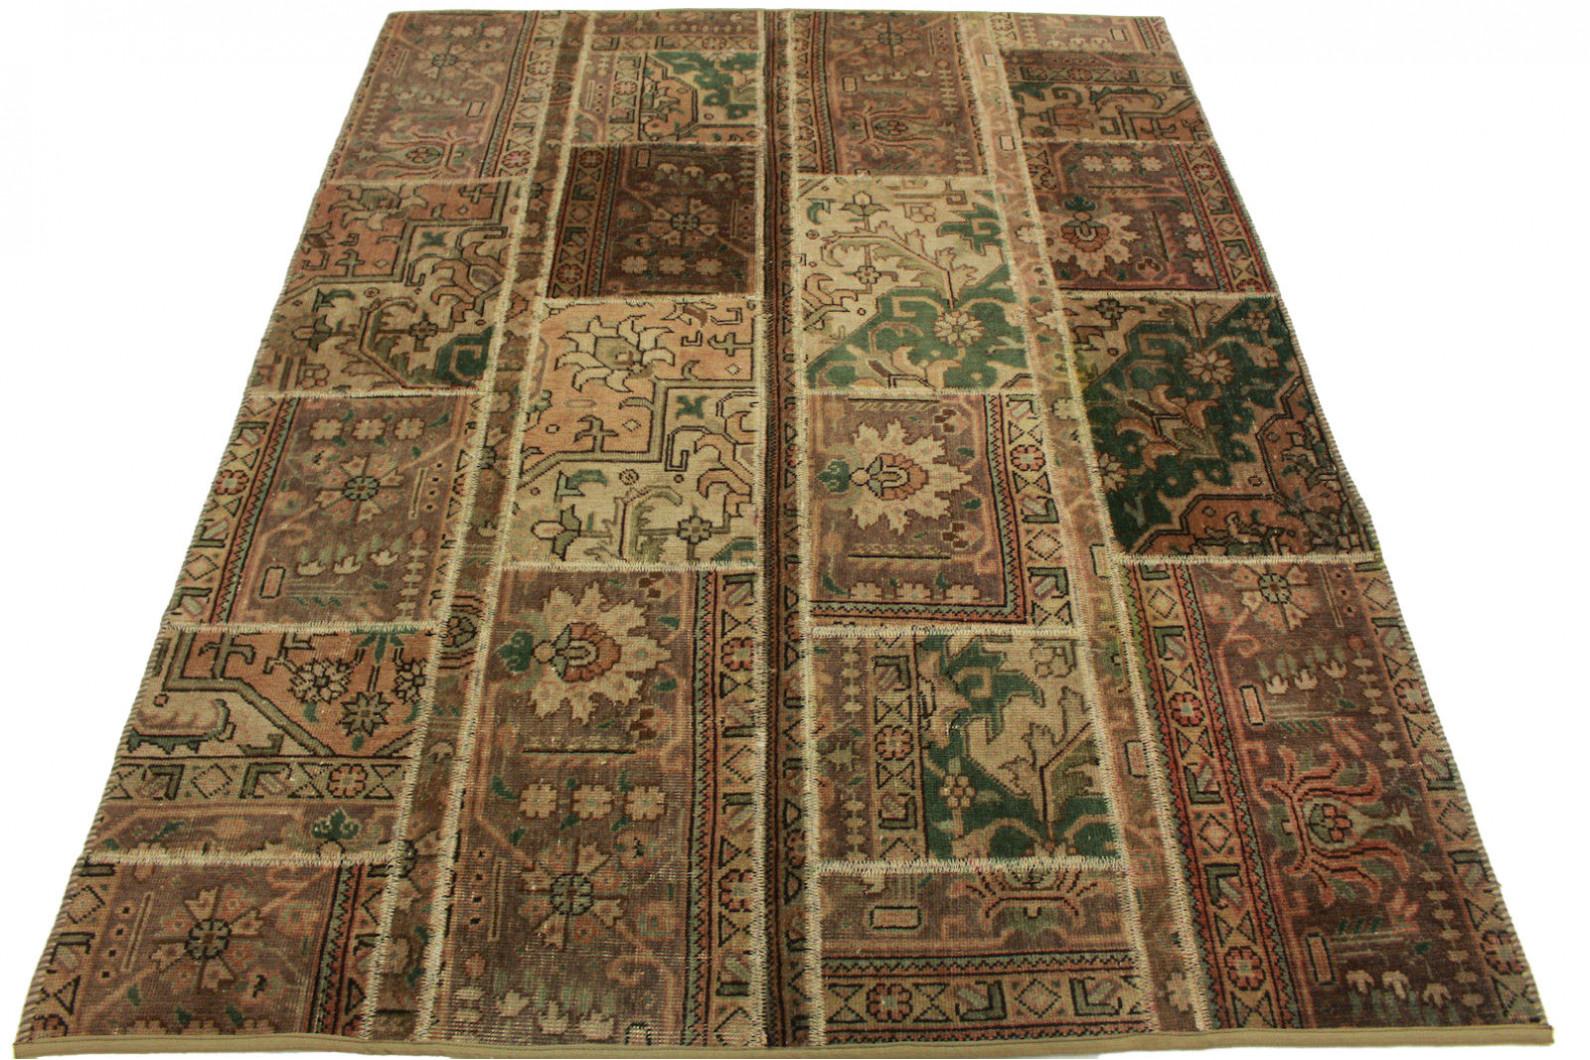 patchwork teppich braun beige in 200x150cm 1001 1368 bei. Black Bedroom Furniture Sets. Home Design Ideas